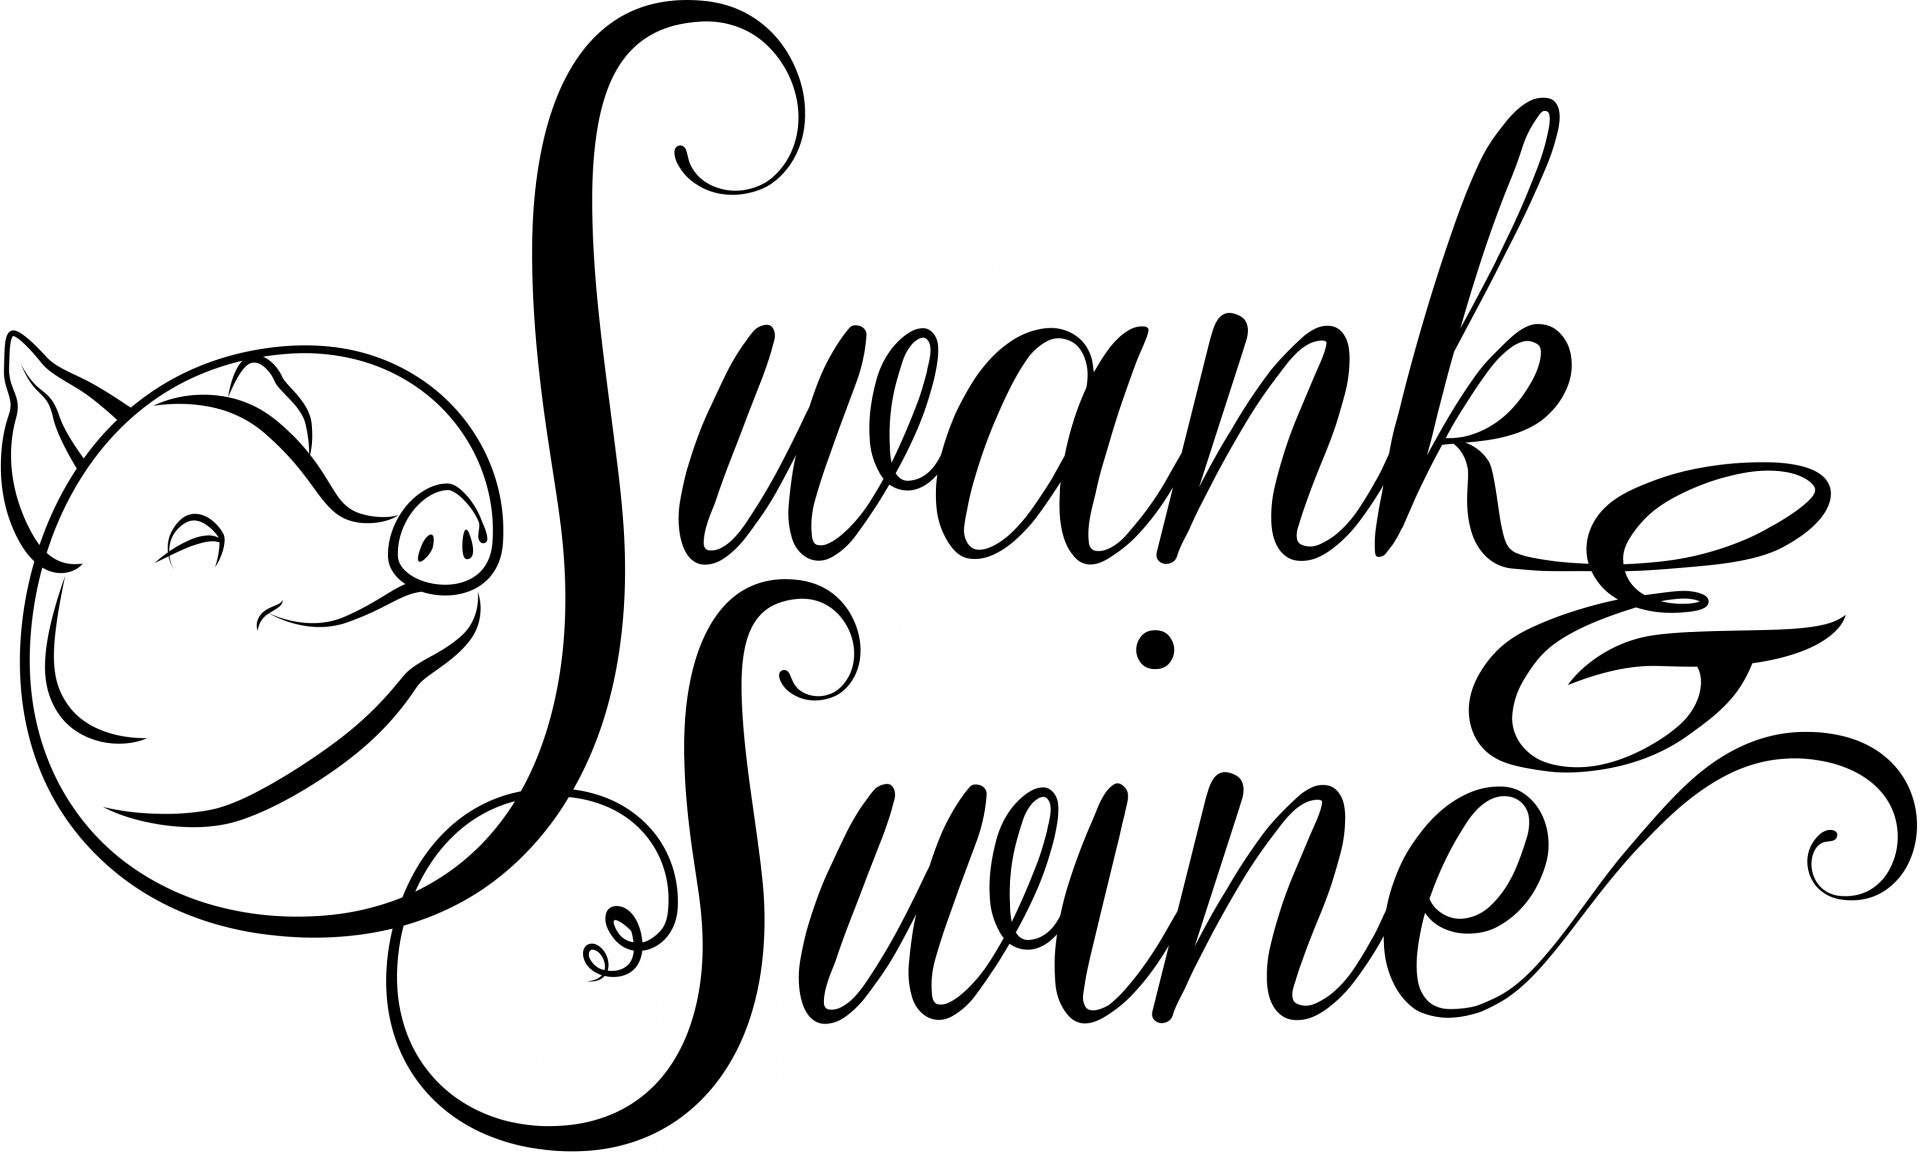 Swank & Swine